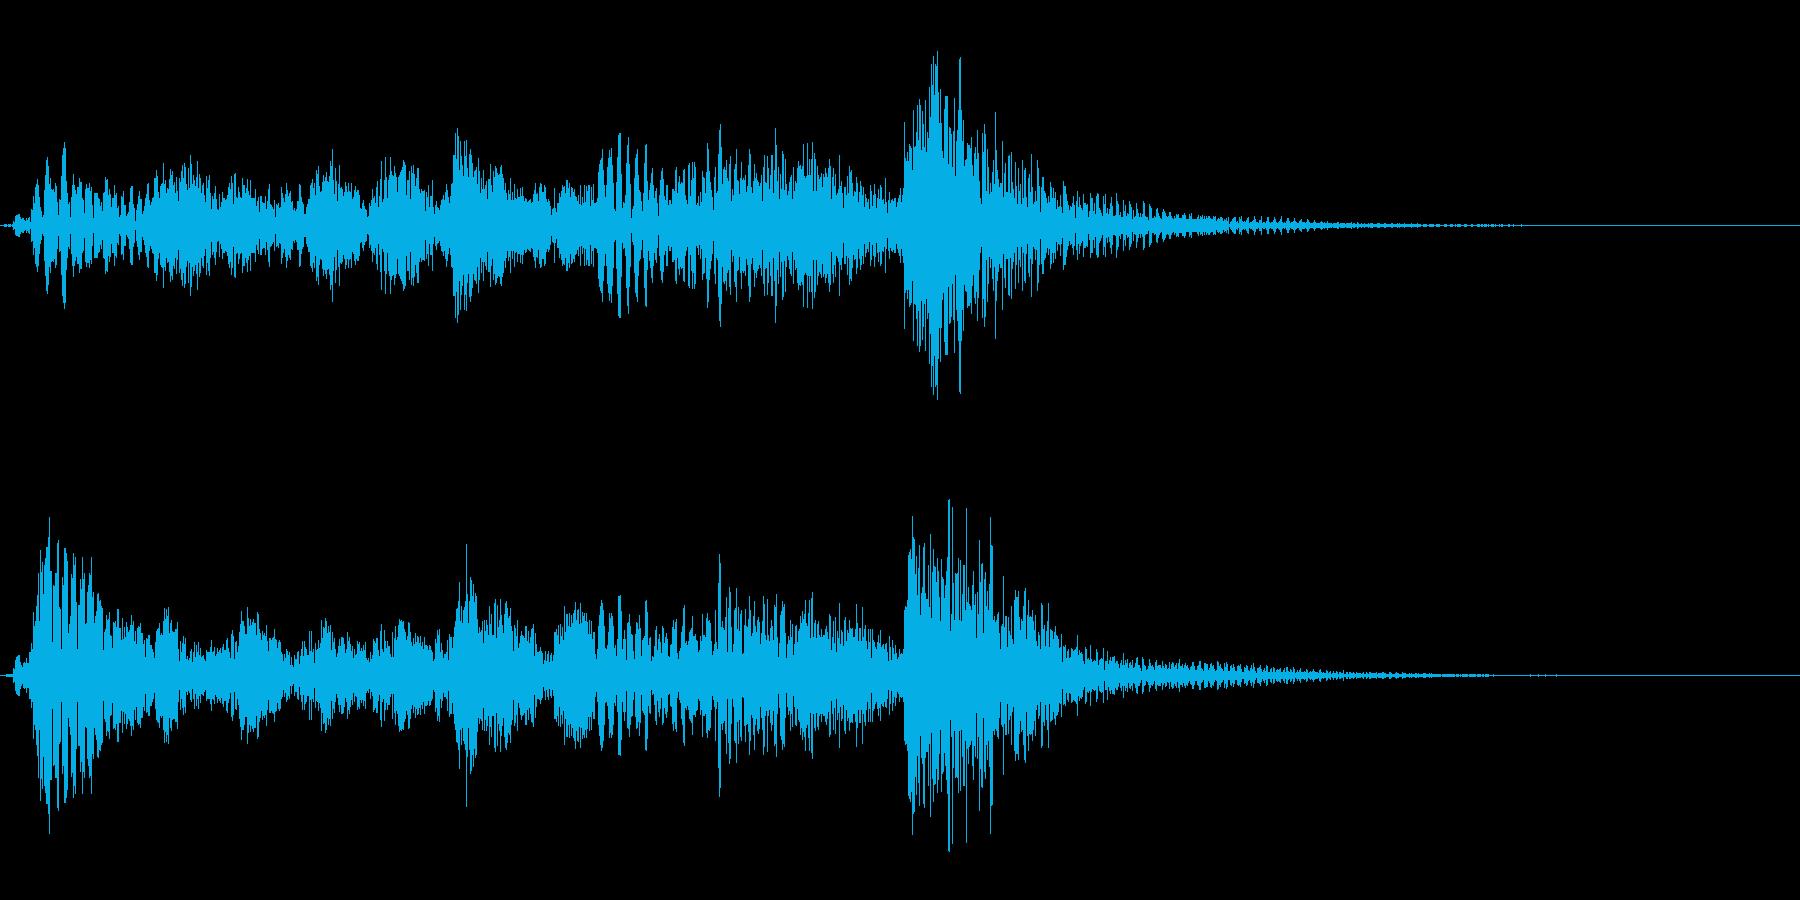 ピッチカートと木琴による軽快なジングルの再生済みの波形